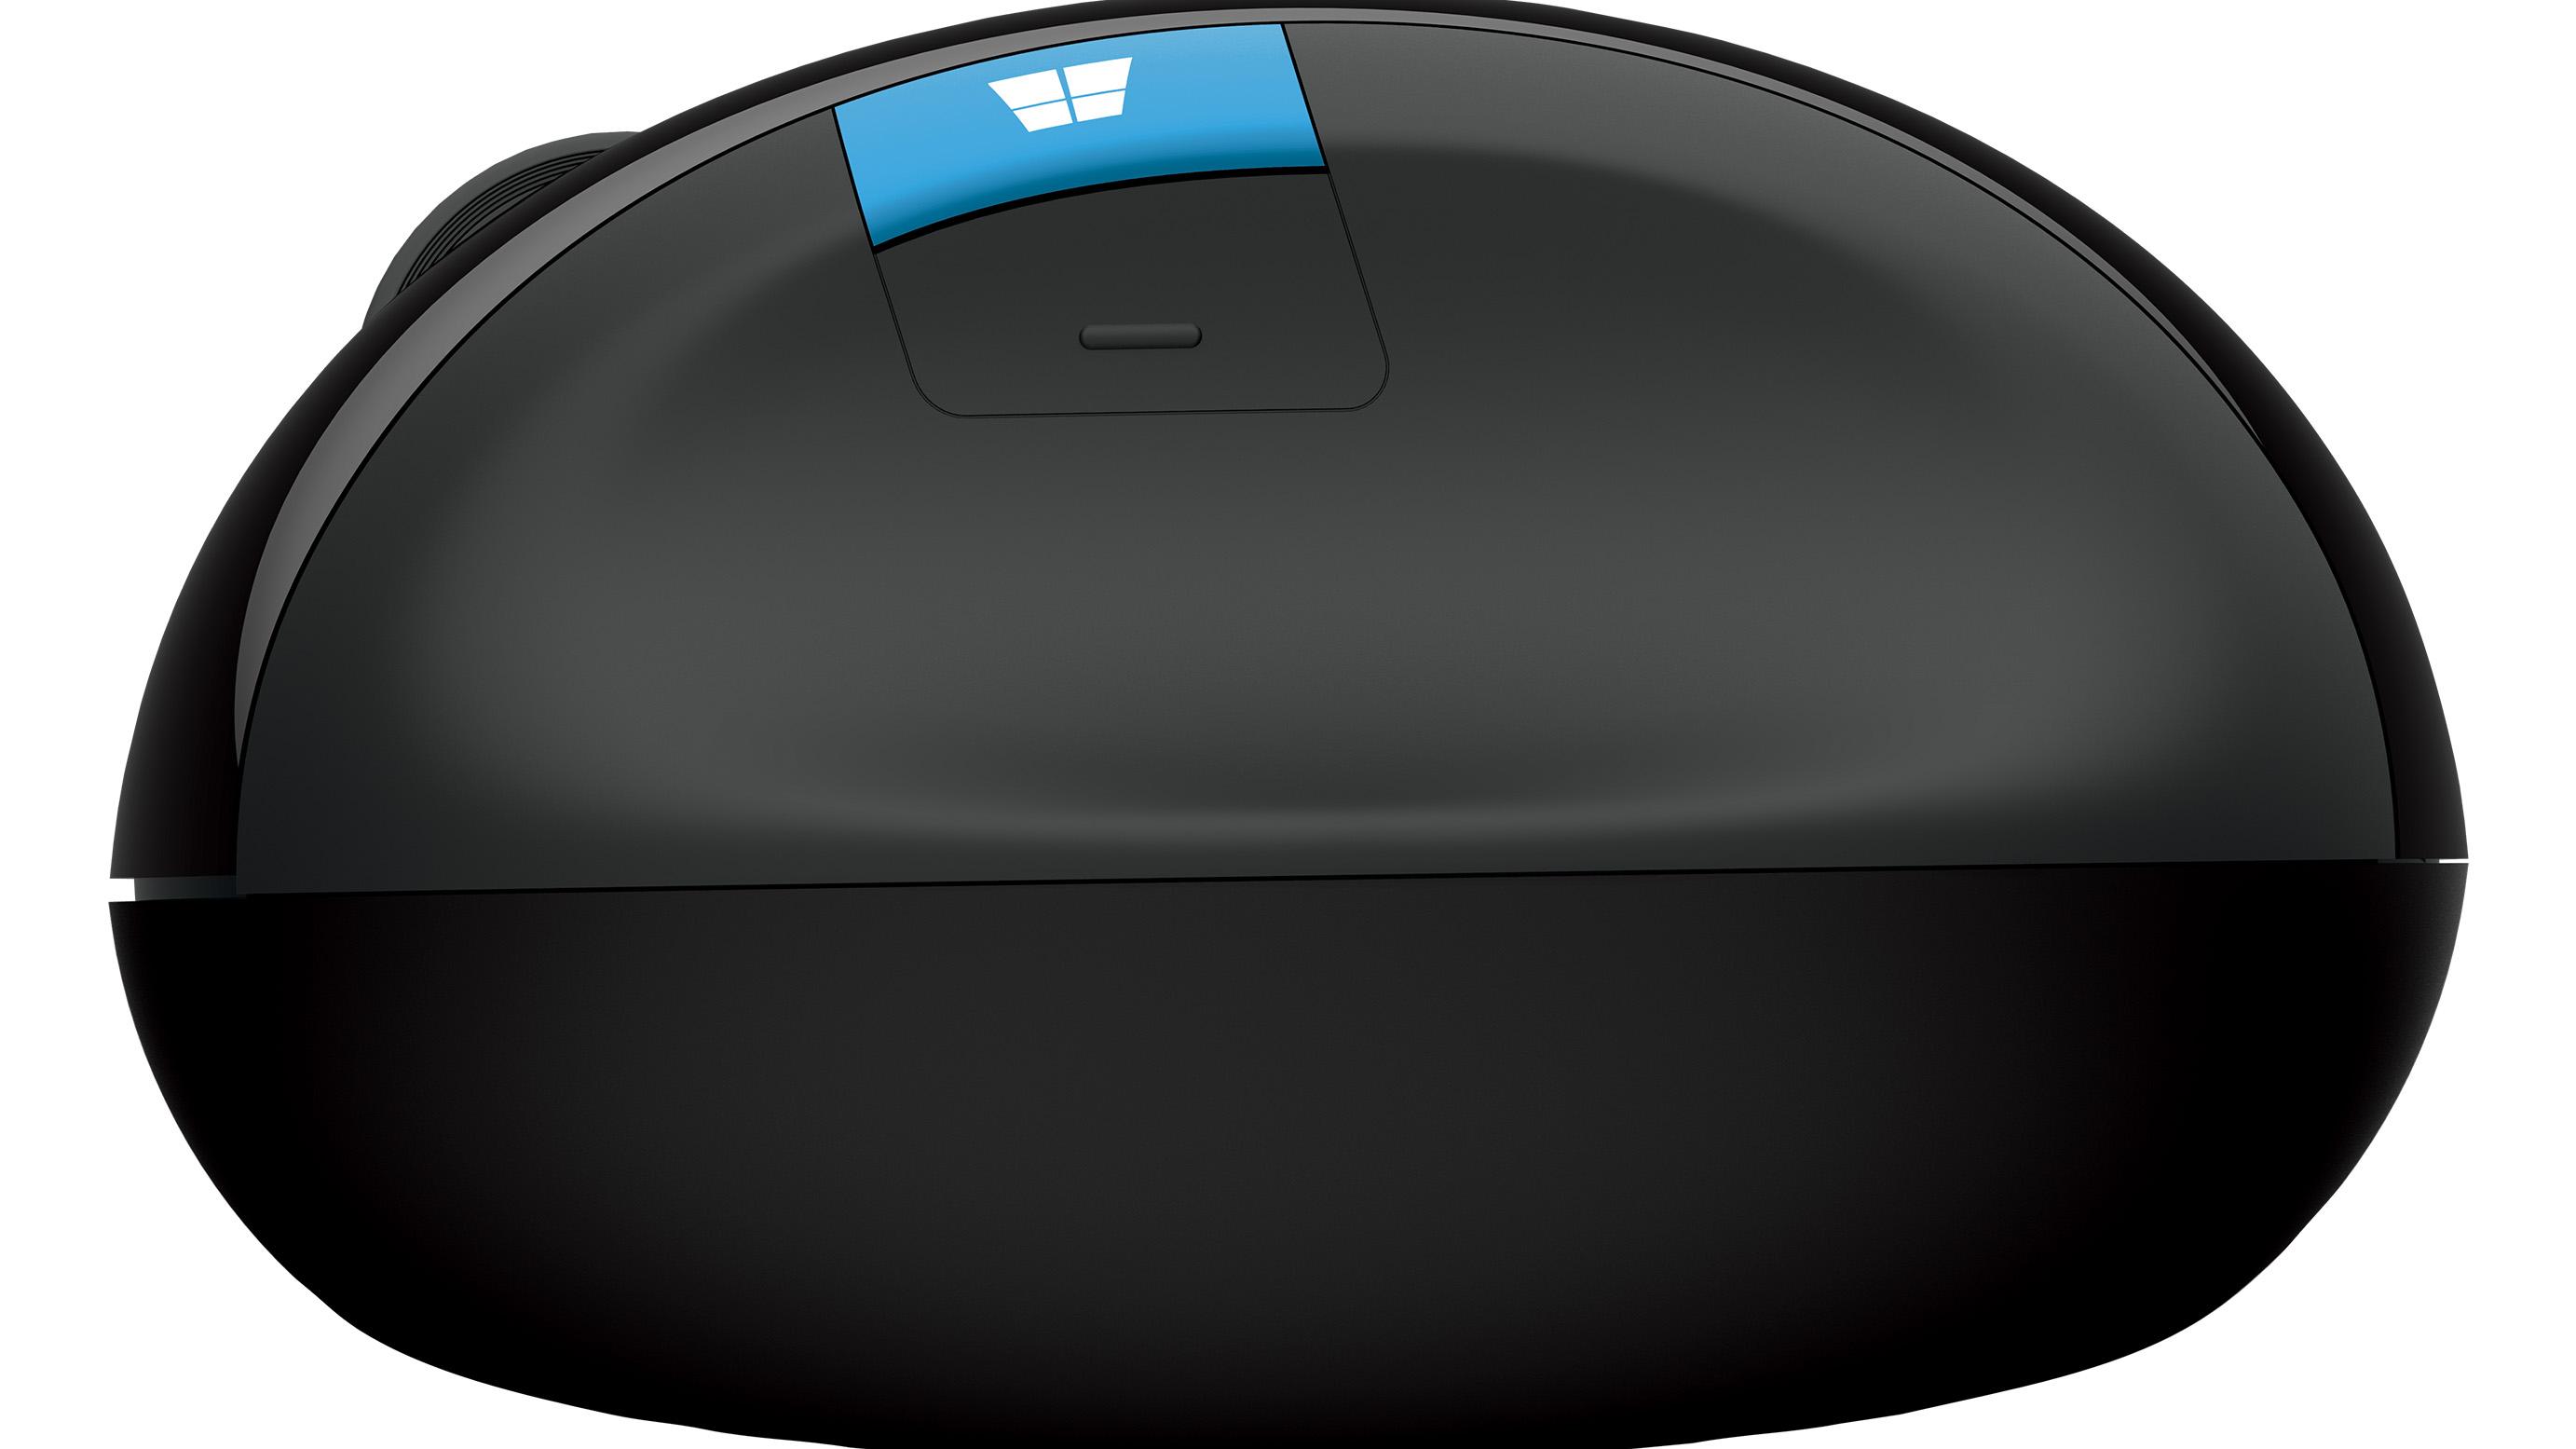 Ergonomische maus haltung  Sculpt Ergonomische Maus kaufen – Microsoft Store Deutschland